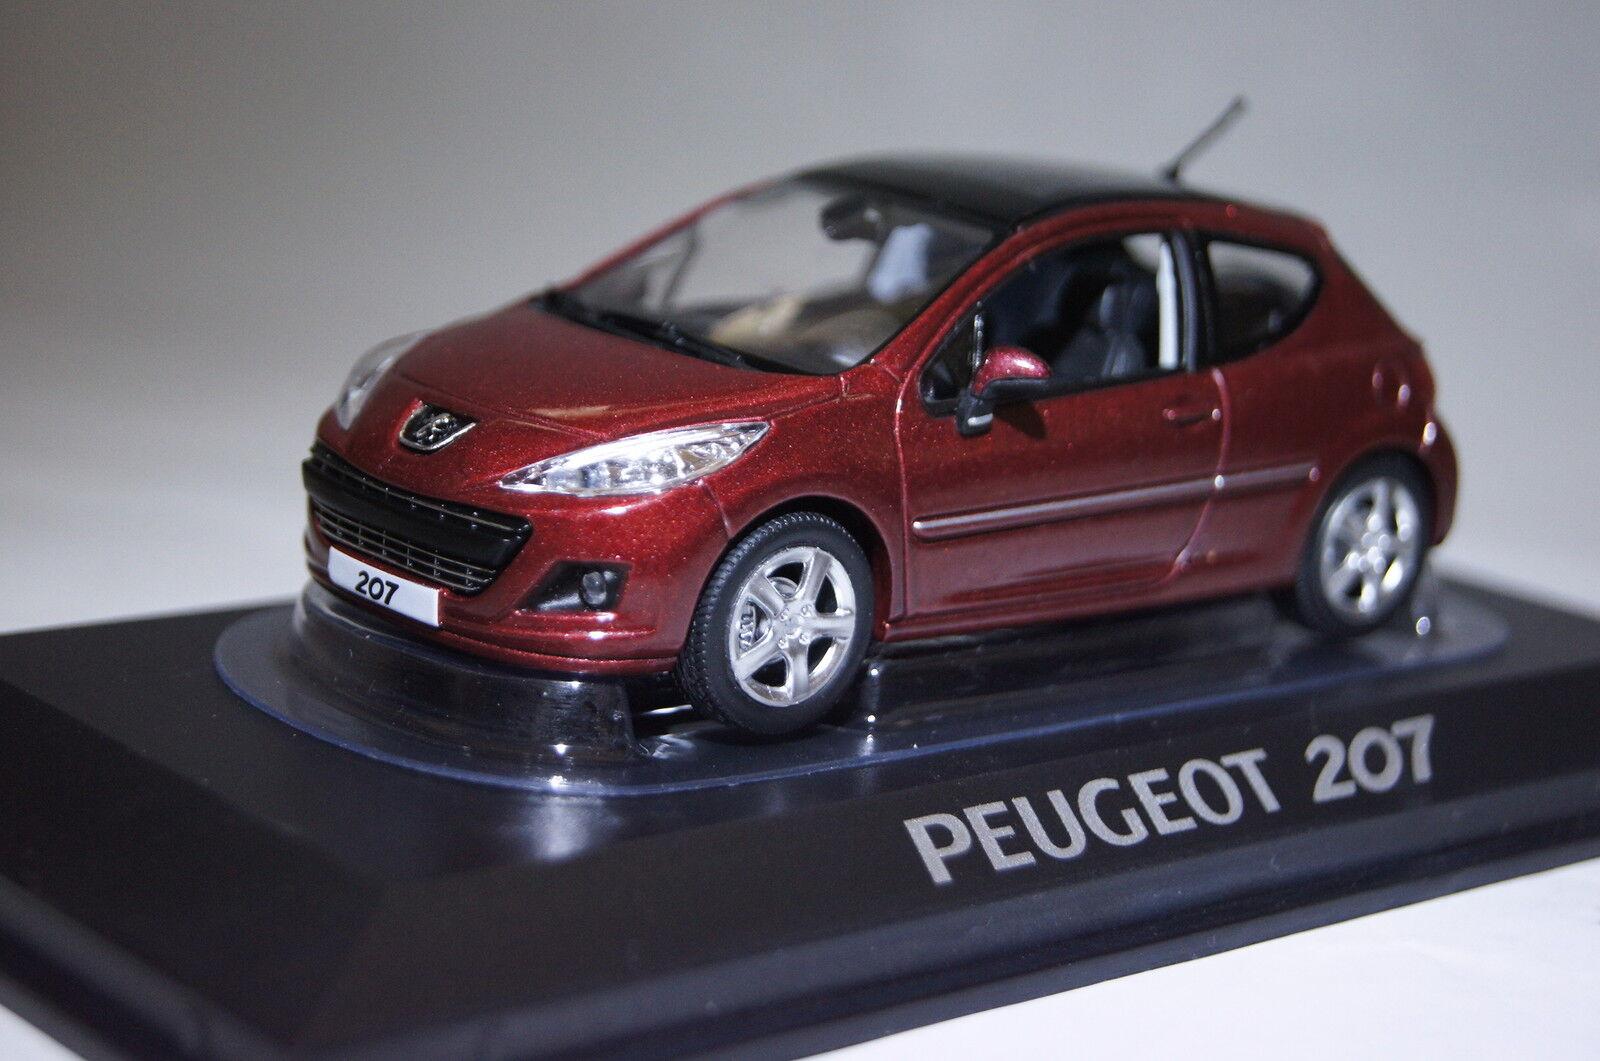 Peugeot 207 rouge 2009 1 43 Norev neu & OVP 472792